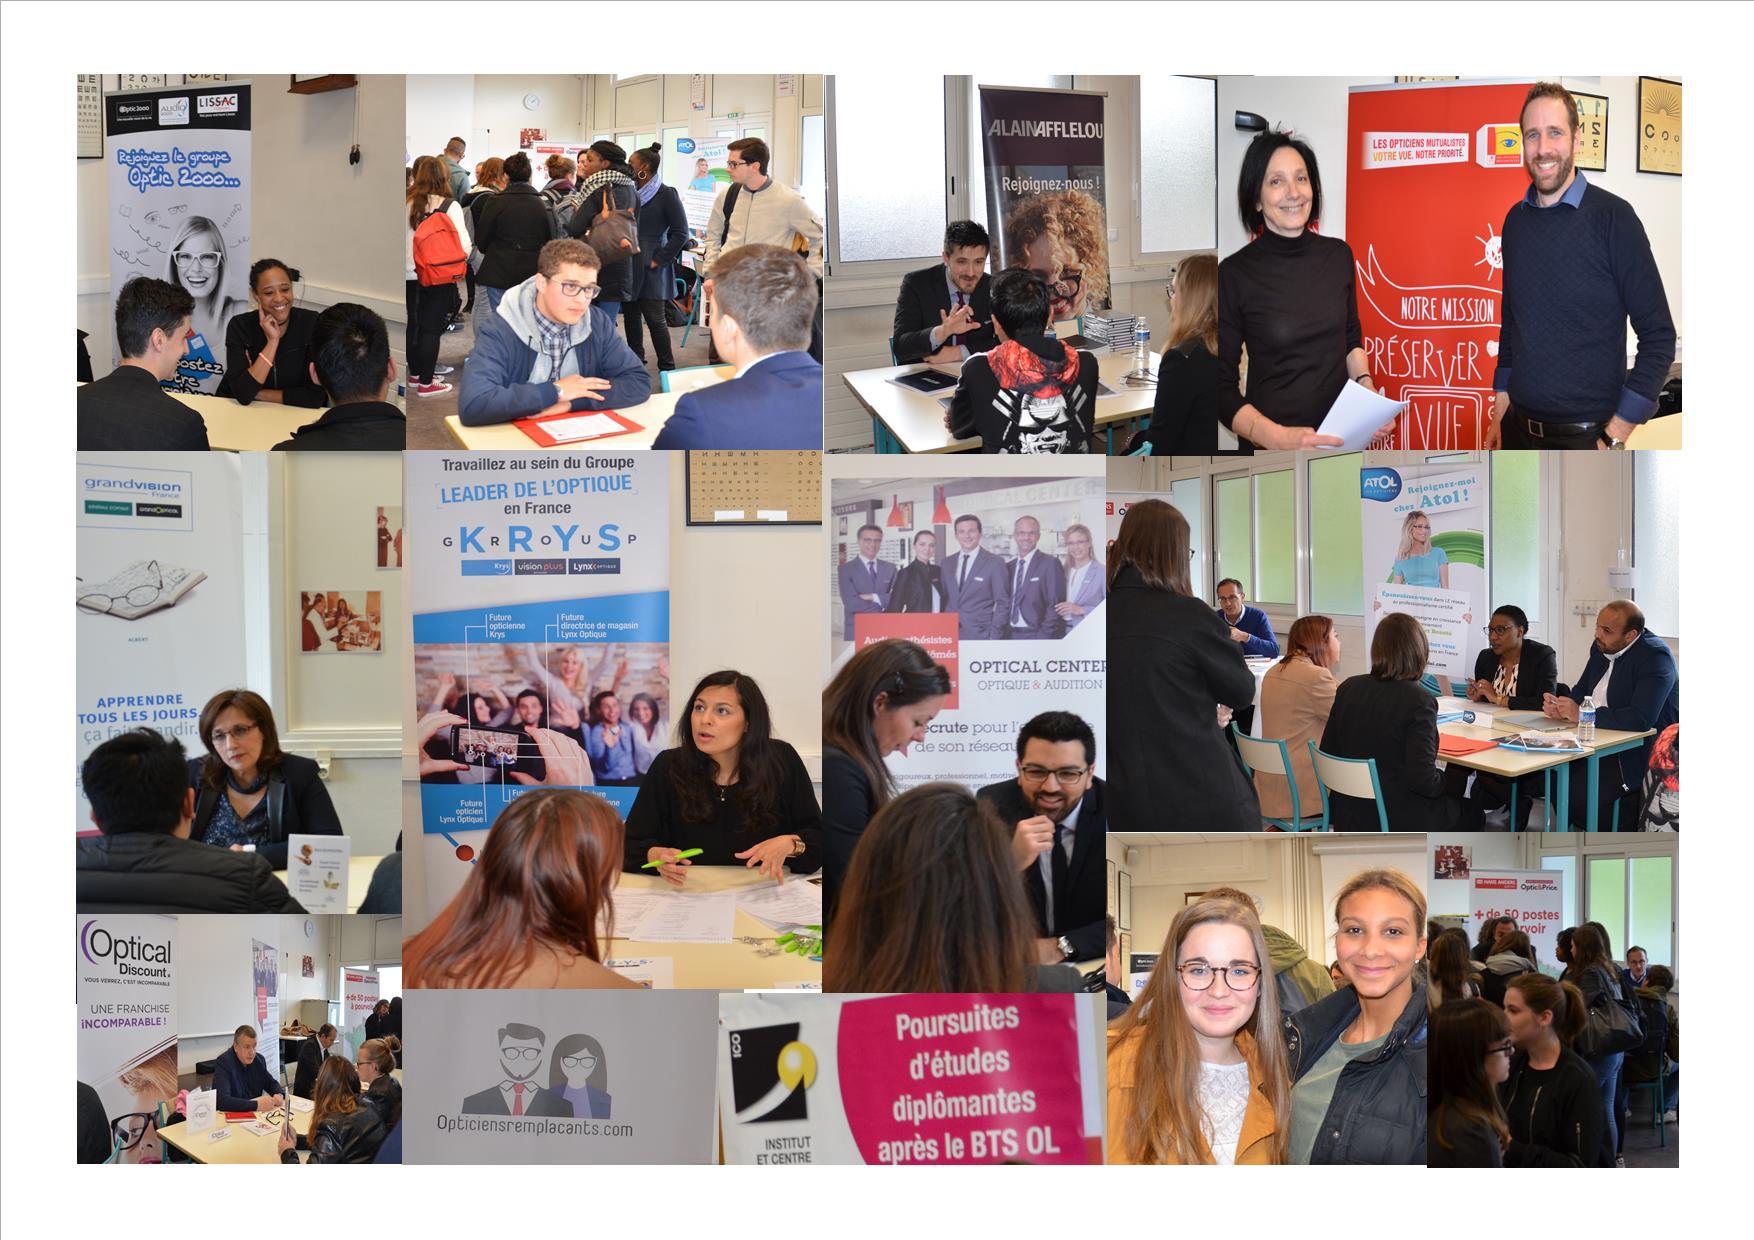 Le forum de l'emploi a encore eu lieu cette année à l'ICO